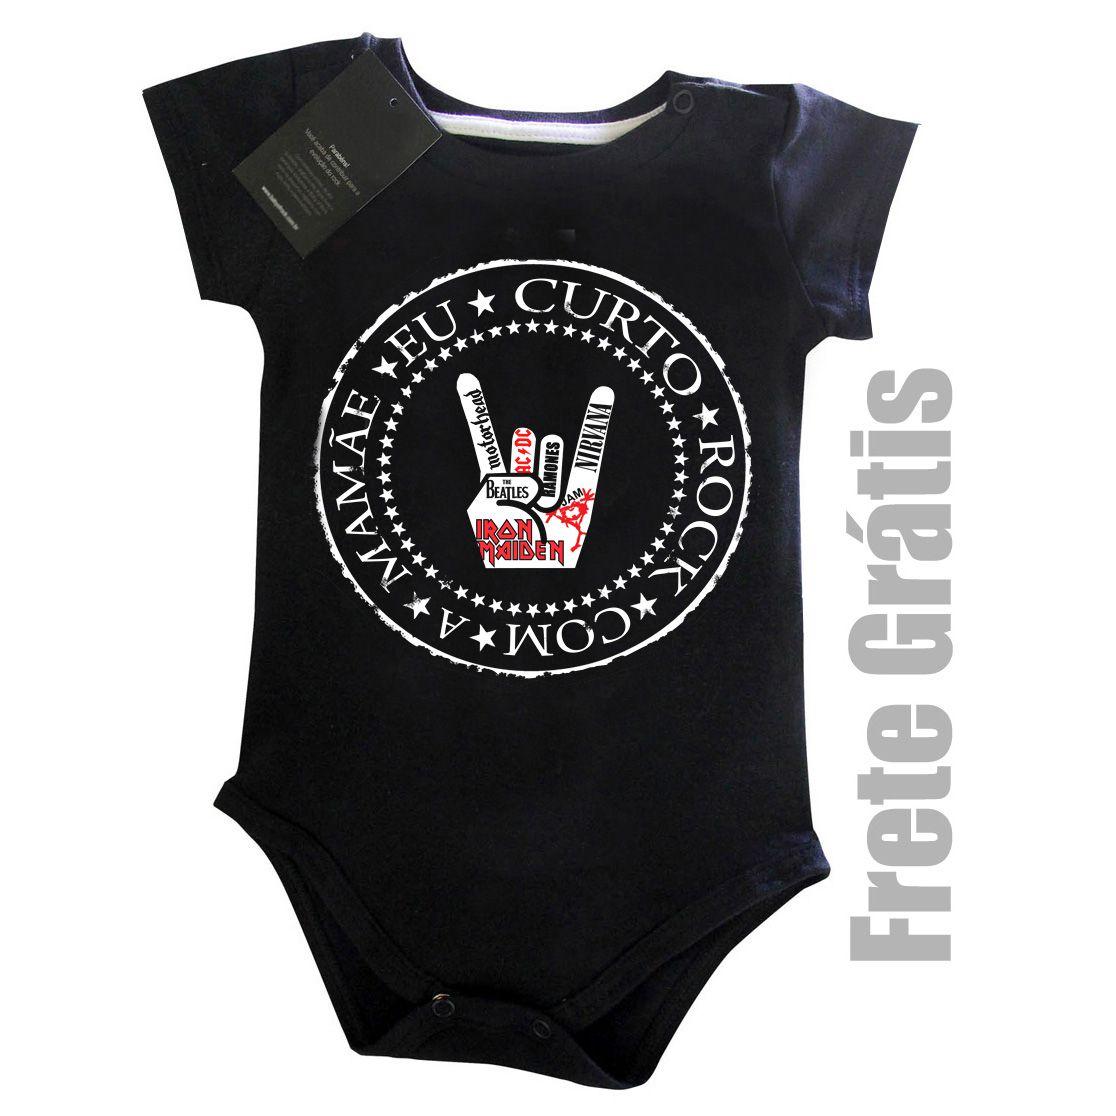 Body Eu Curto Rock com a Mamãe - Black  - Baby Monster S/A